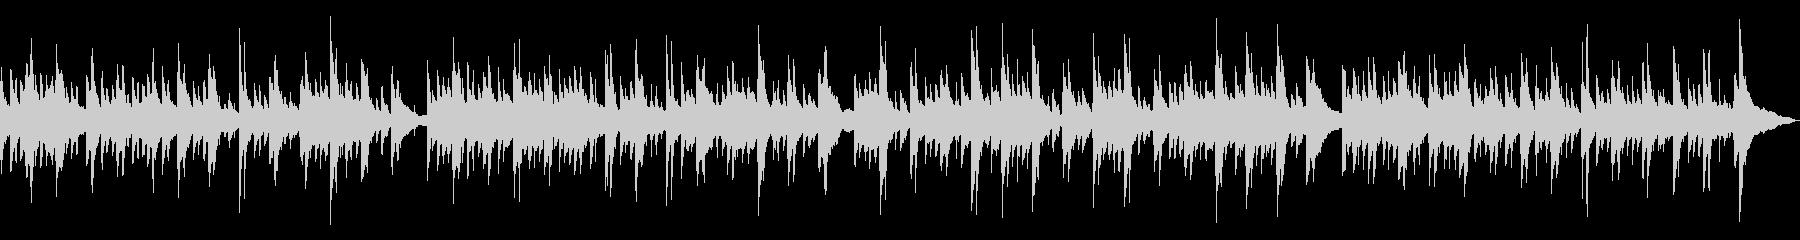 ピアノ・アコースティックギタ(のどか)の未再生の波形